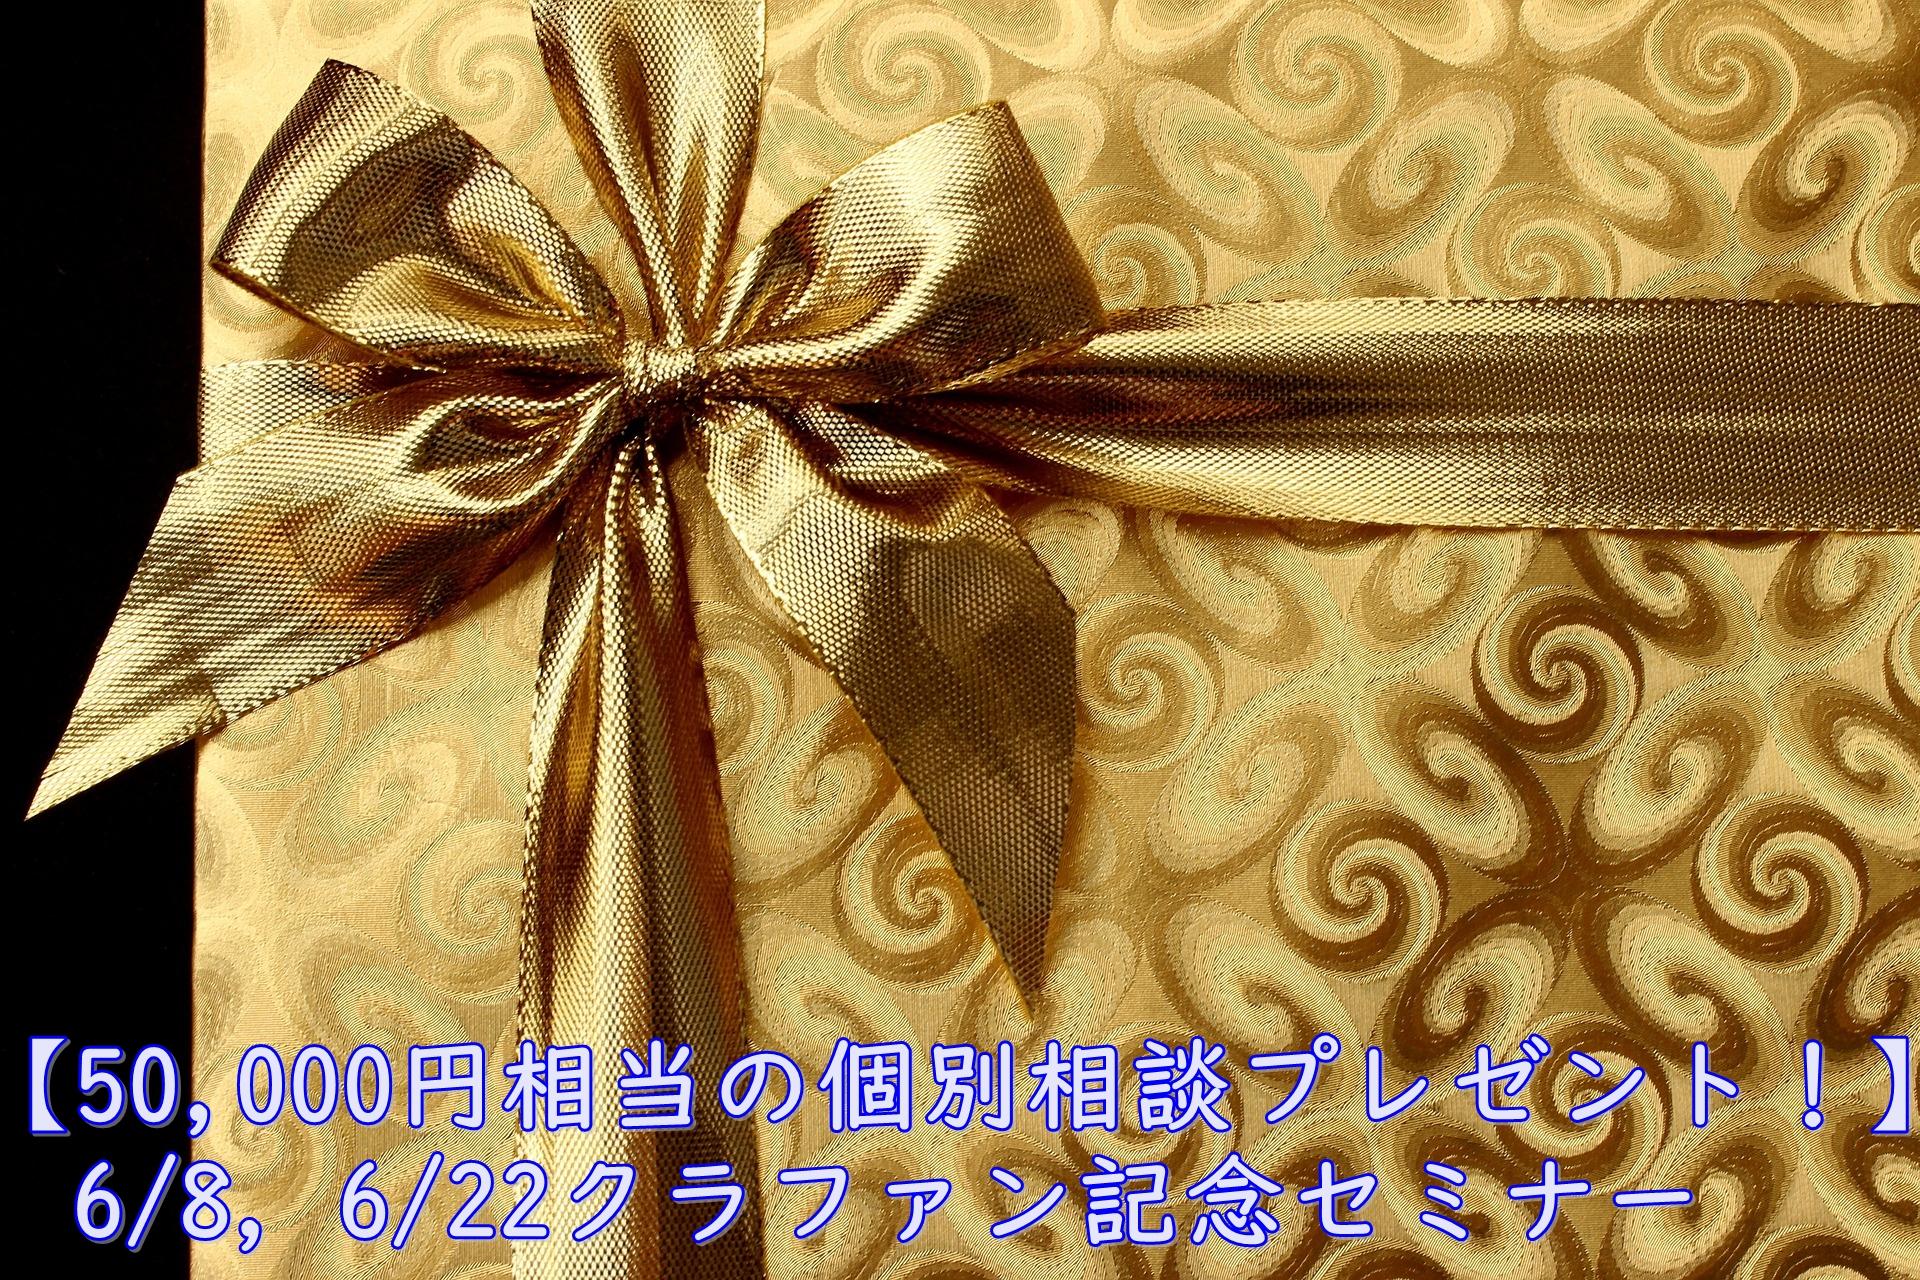 50,000円相当の個別相談プレゼント!